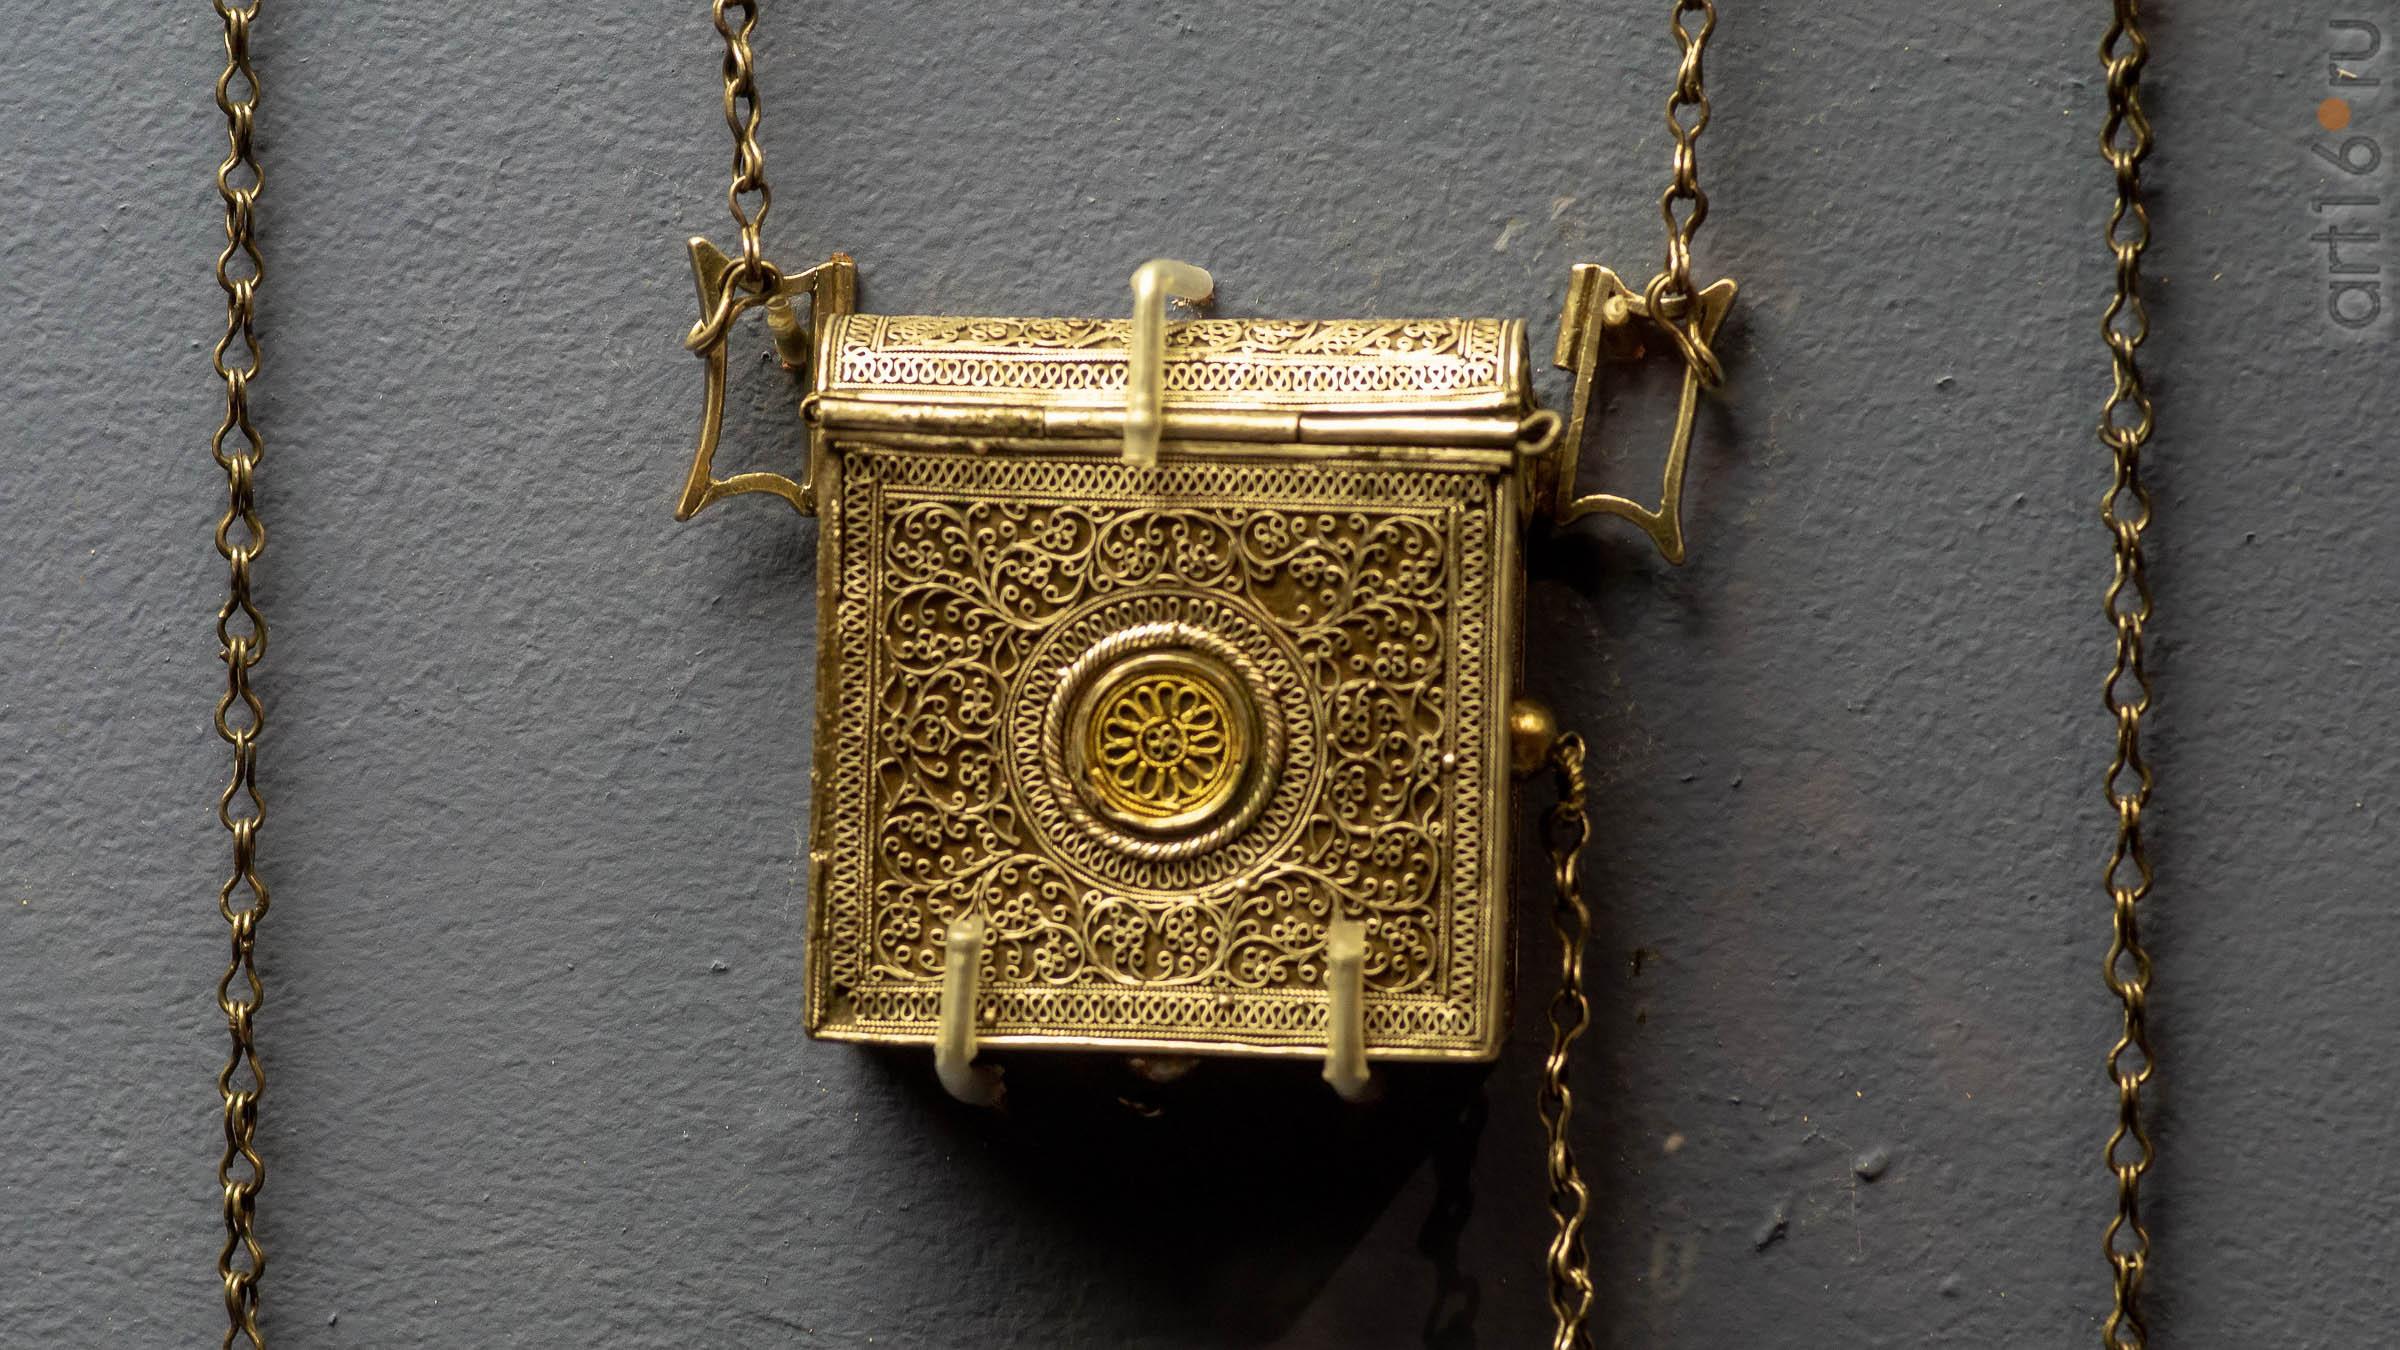 Филактерий (фрагмент)::02.04.2019 Золотая Орда и Причерноморье. Уроки Чингизидской империи